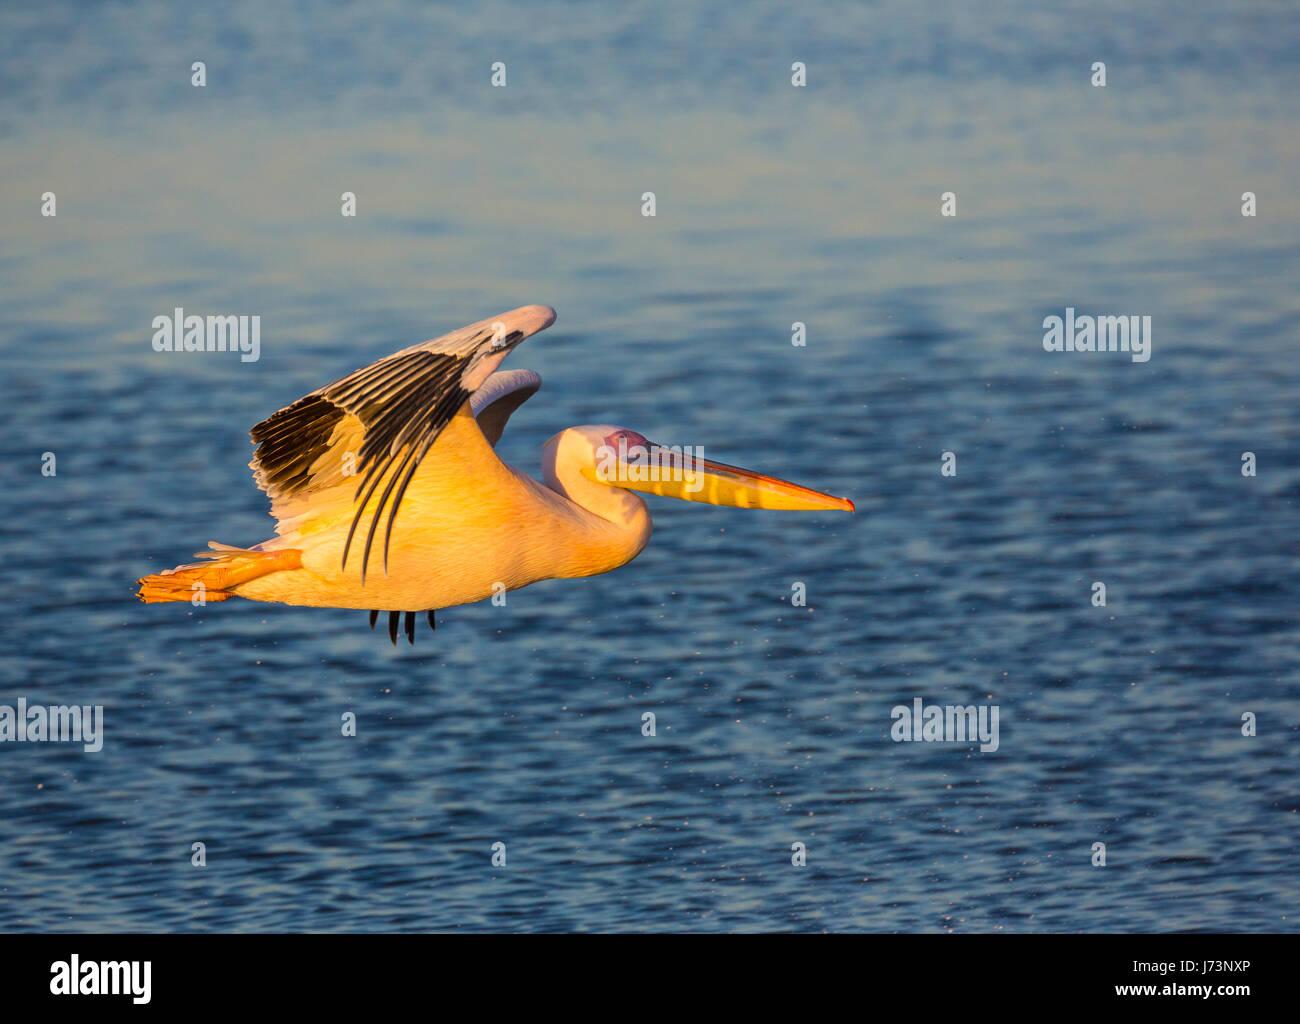 Les pélicans sont une espèce d'oiseaux d'eau qui compose la famille Pelecanidae. Ils sont caractérisés Photo Stock